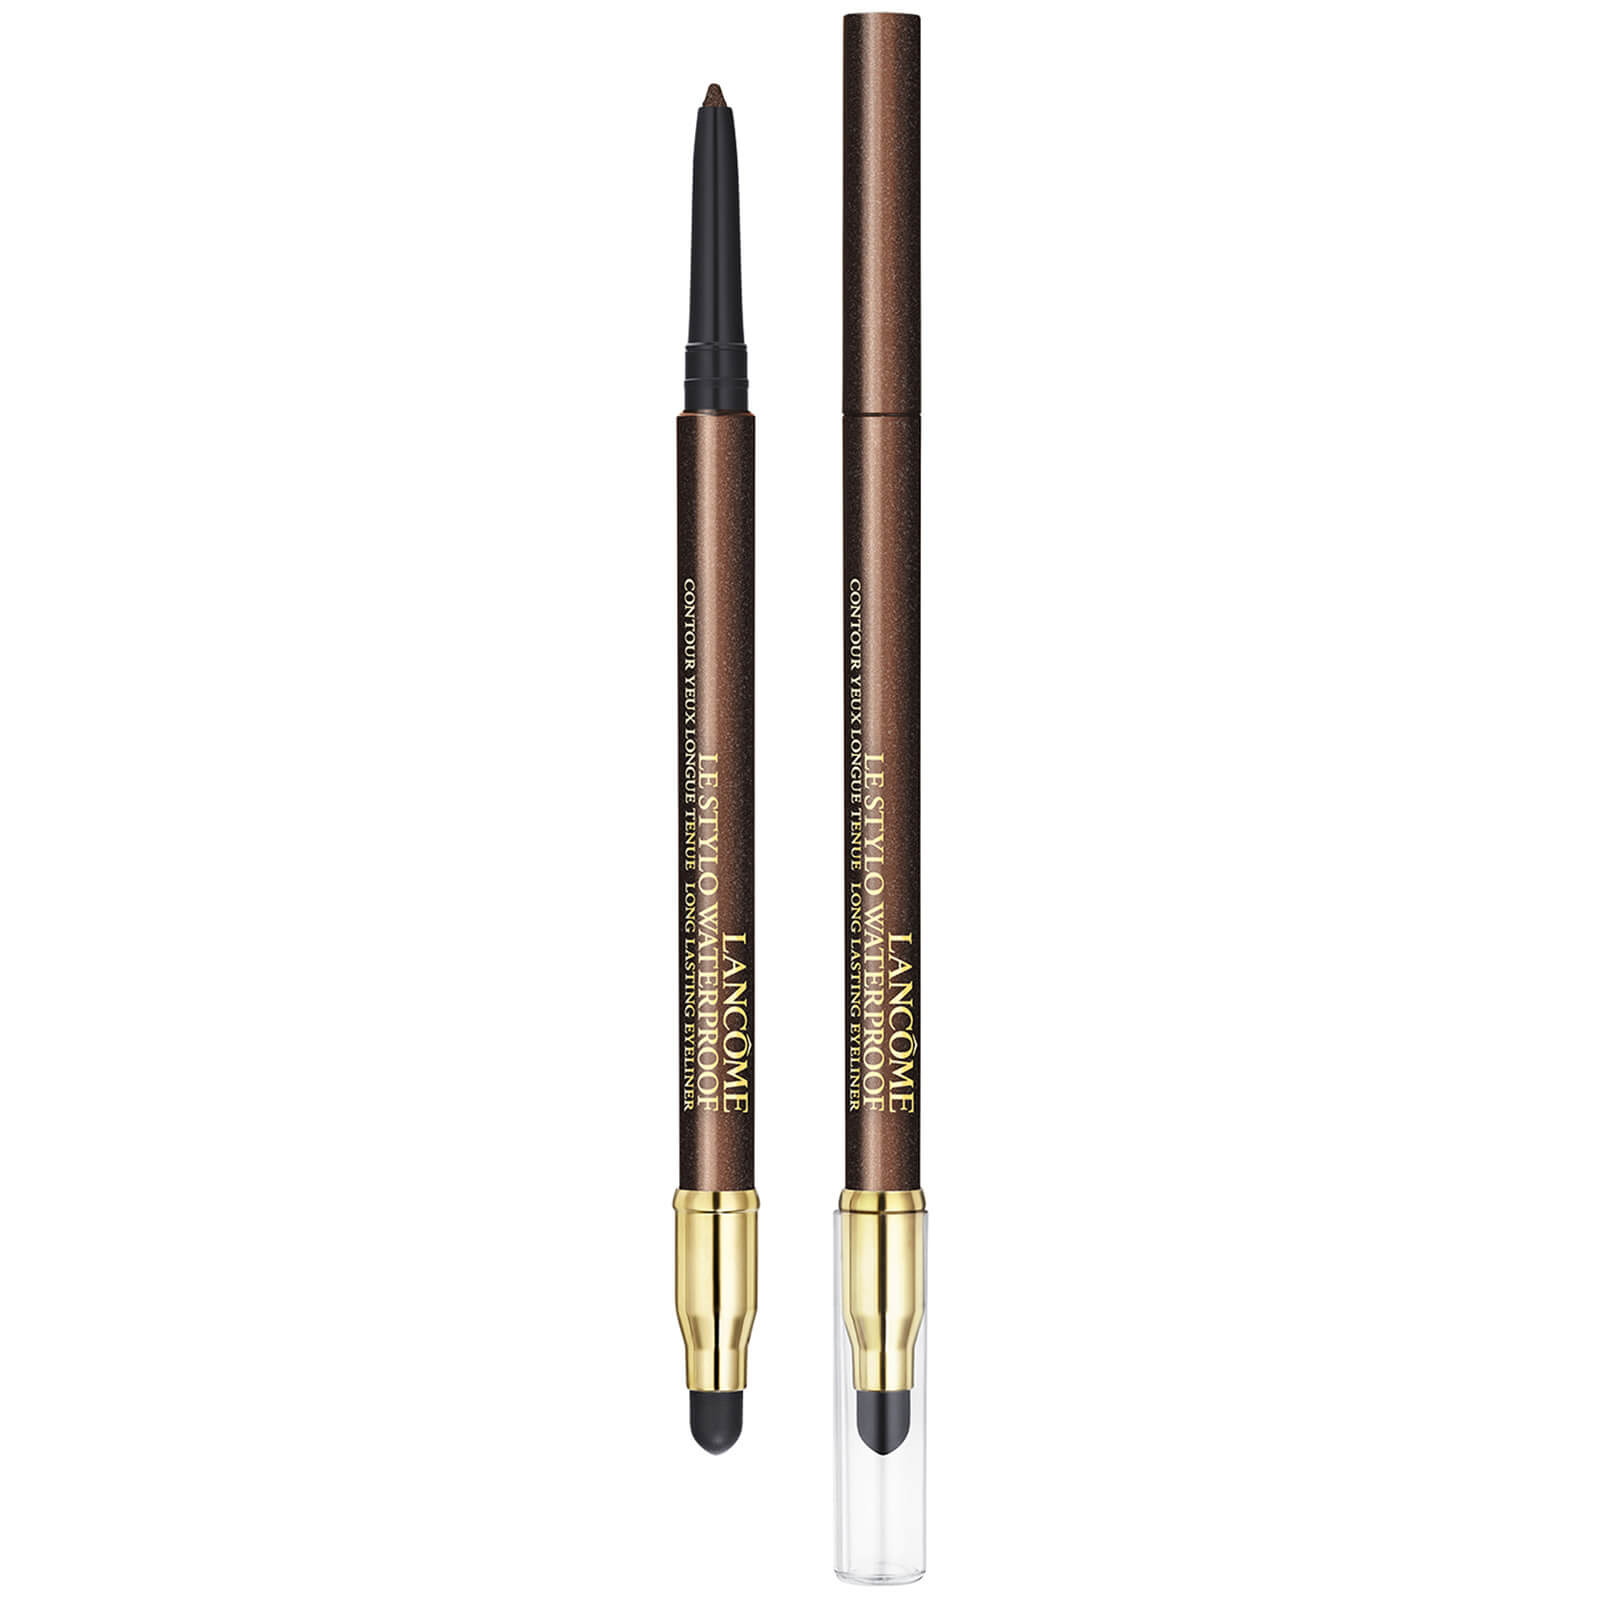 Купить Водостойкий карандаш для глаз Lancôme Le Stylo Waterproof (различные оттенки) - 04 Bronze Riche